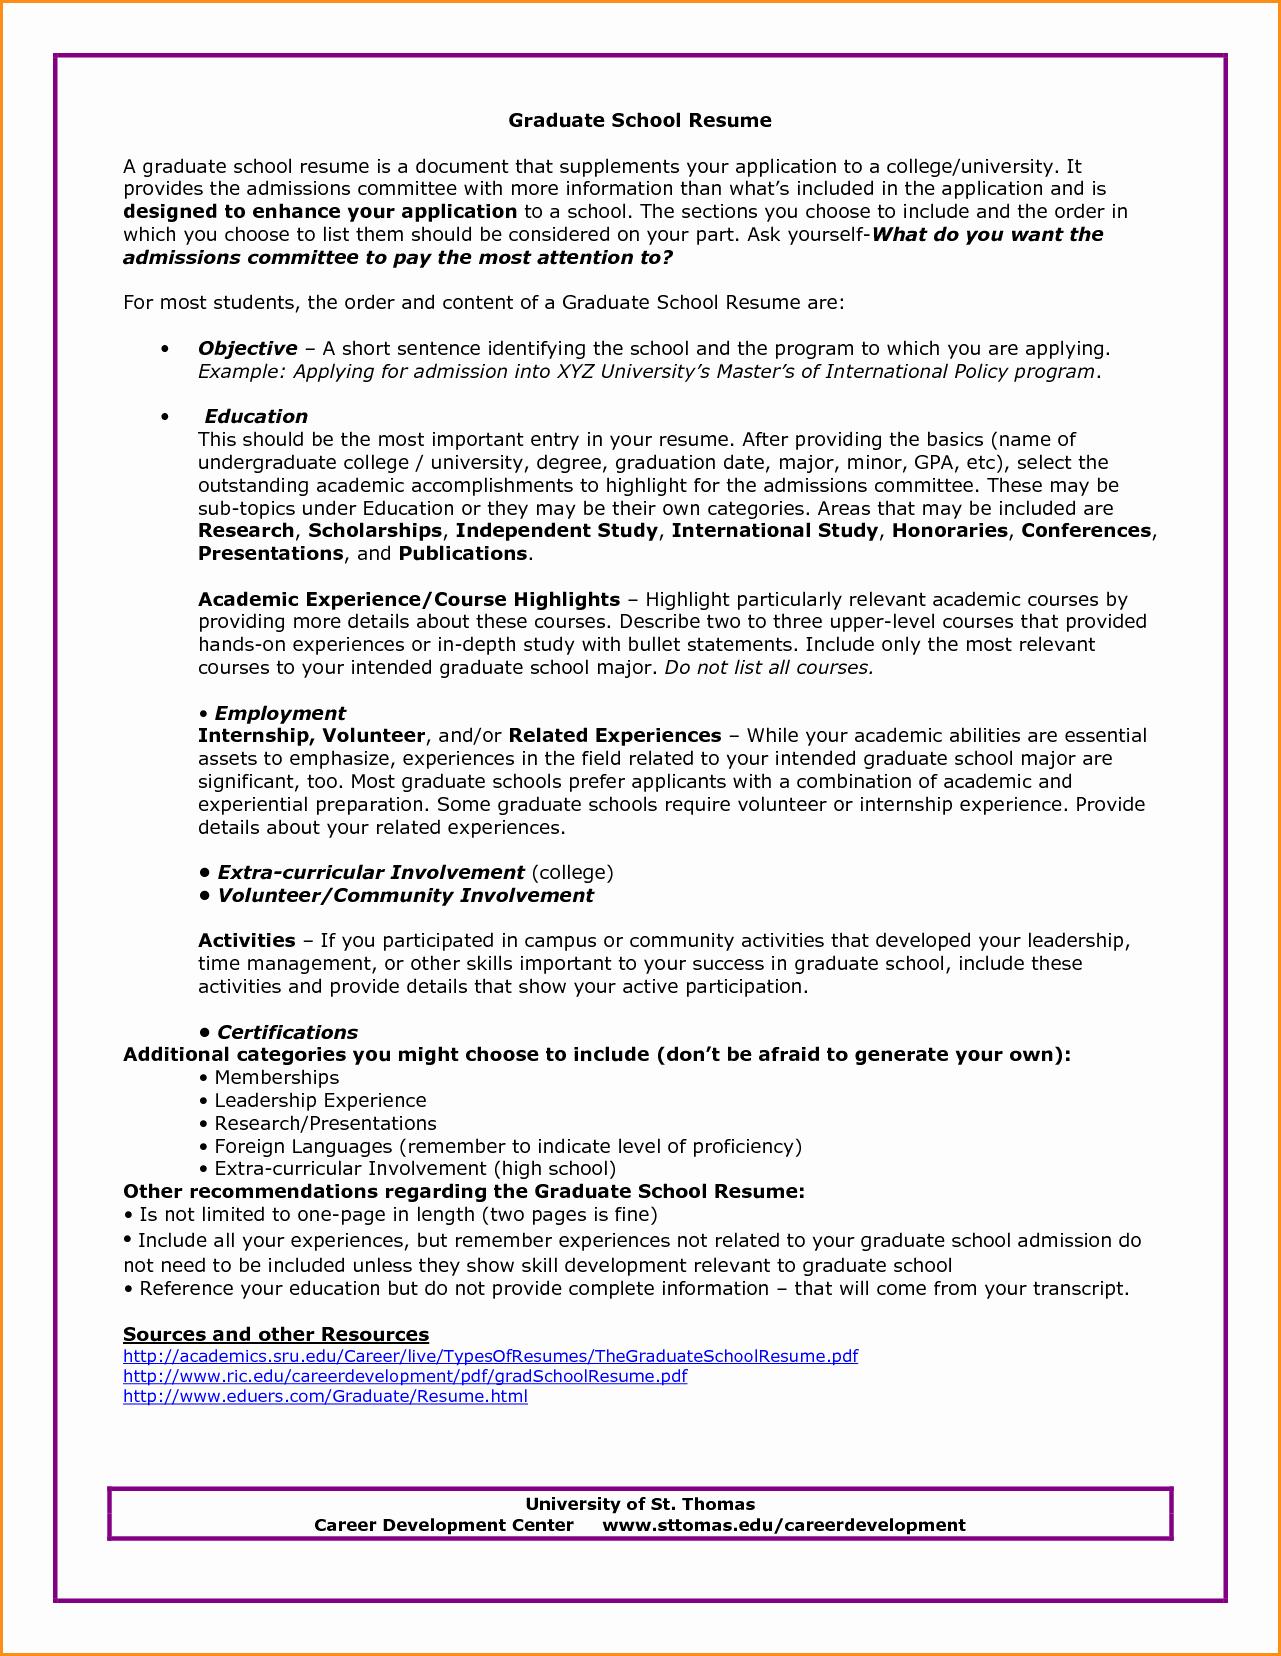 Cv Template Graduate School Inspirational 14 Graduate School Resume Objective